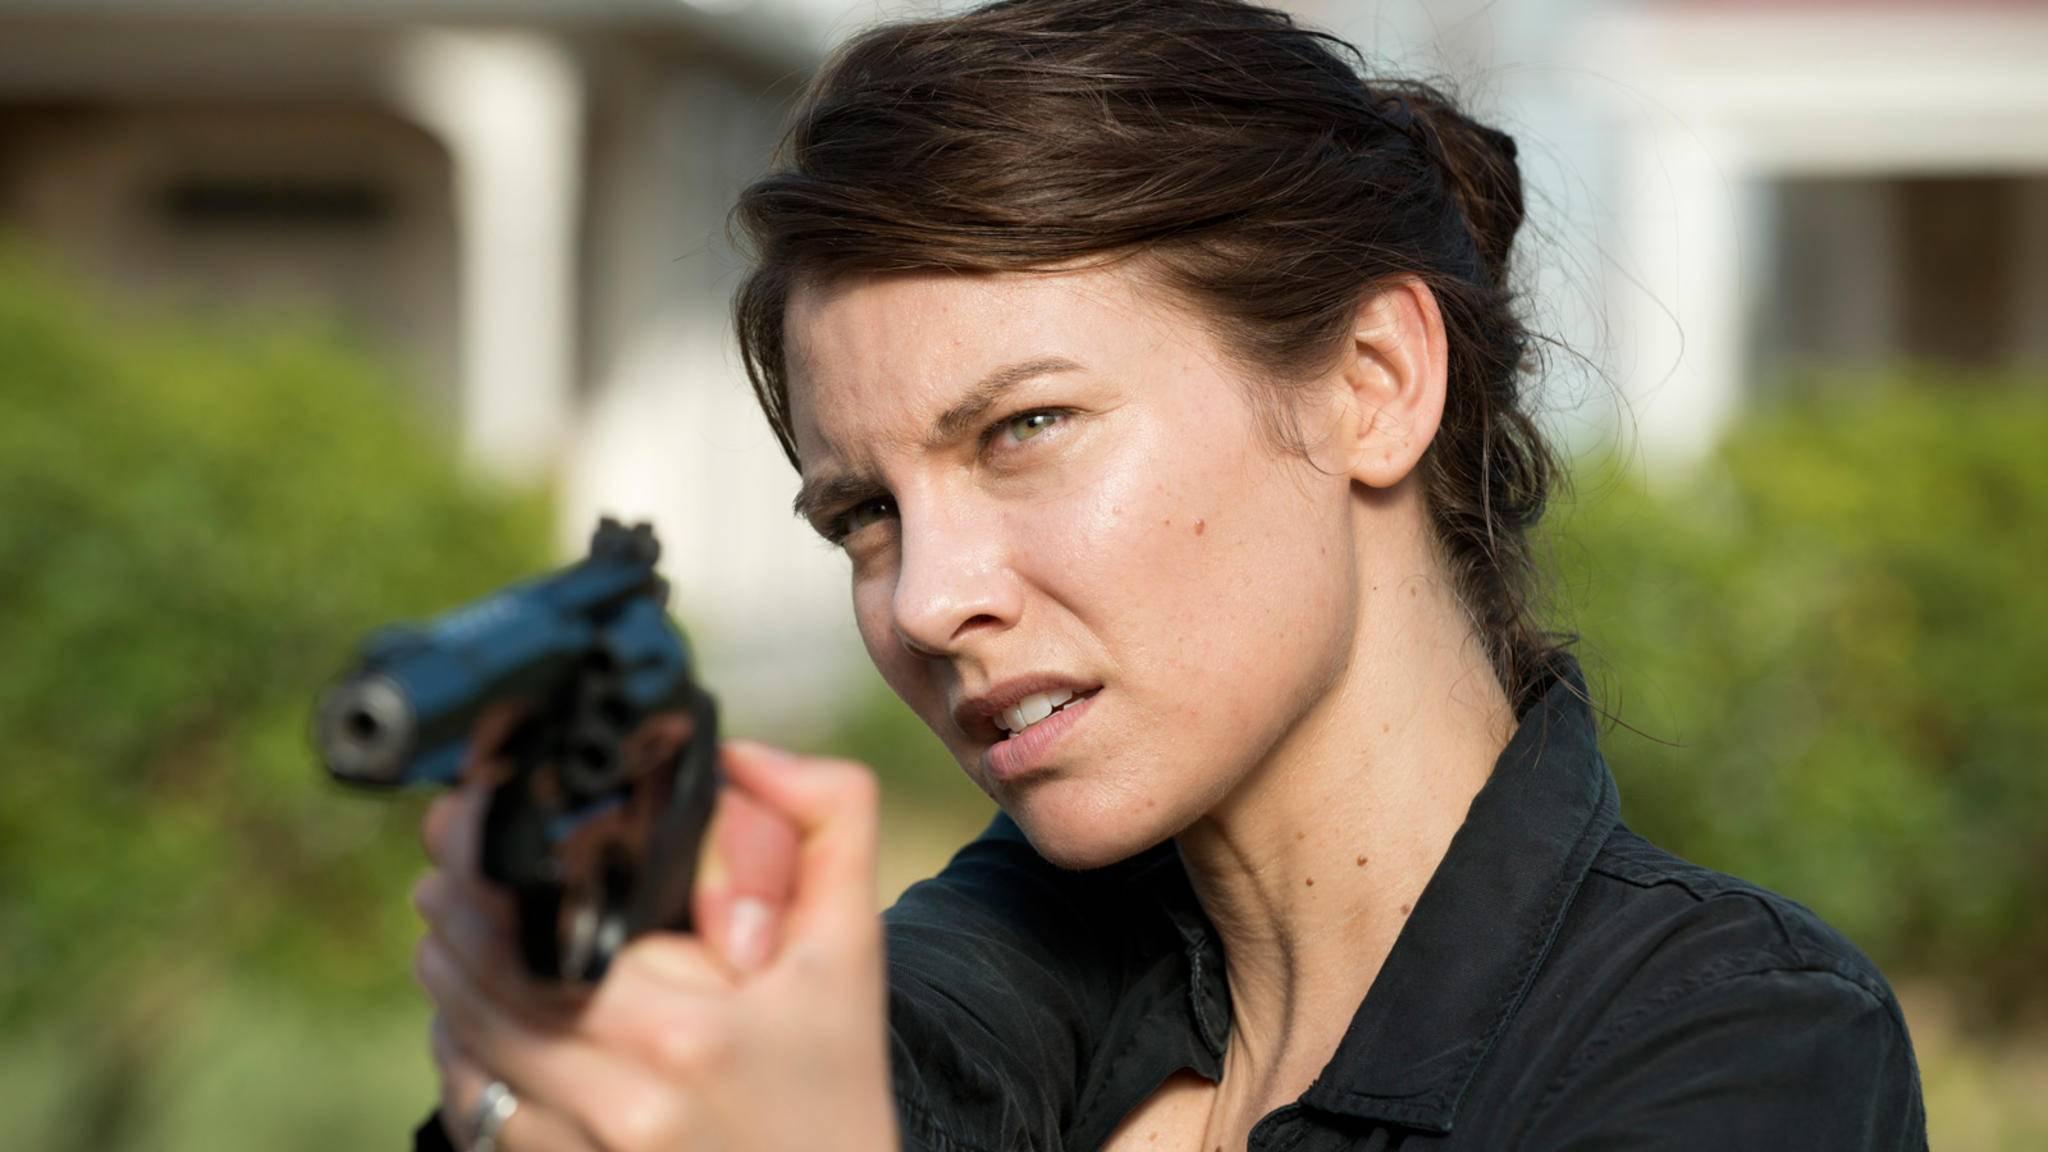 Maggie-Darstellerin Lauren Cohan hat ein neues Ziel im Visier.